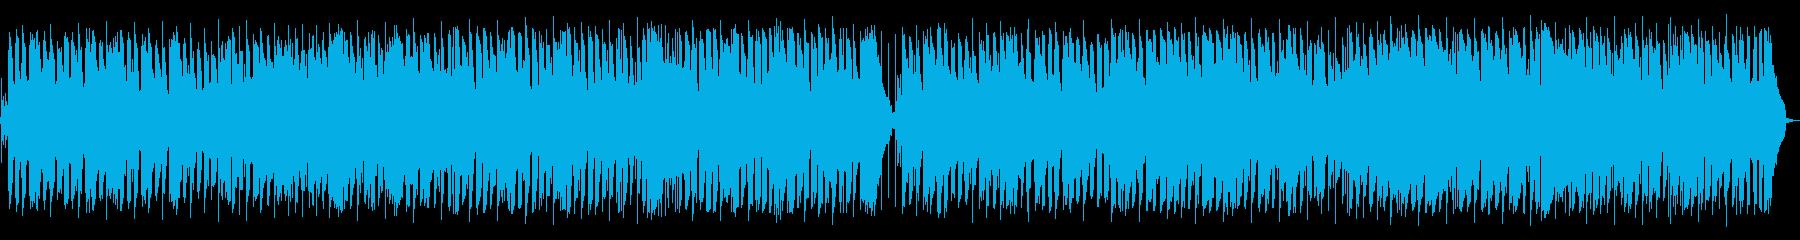 動画 懐かしい ピチカート ドキュ...の再生済みの波形